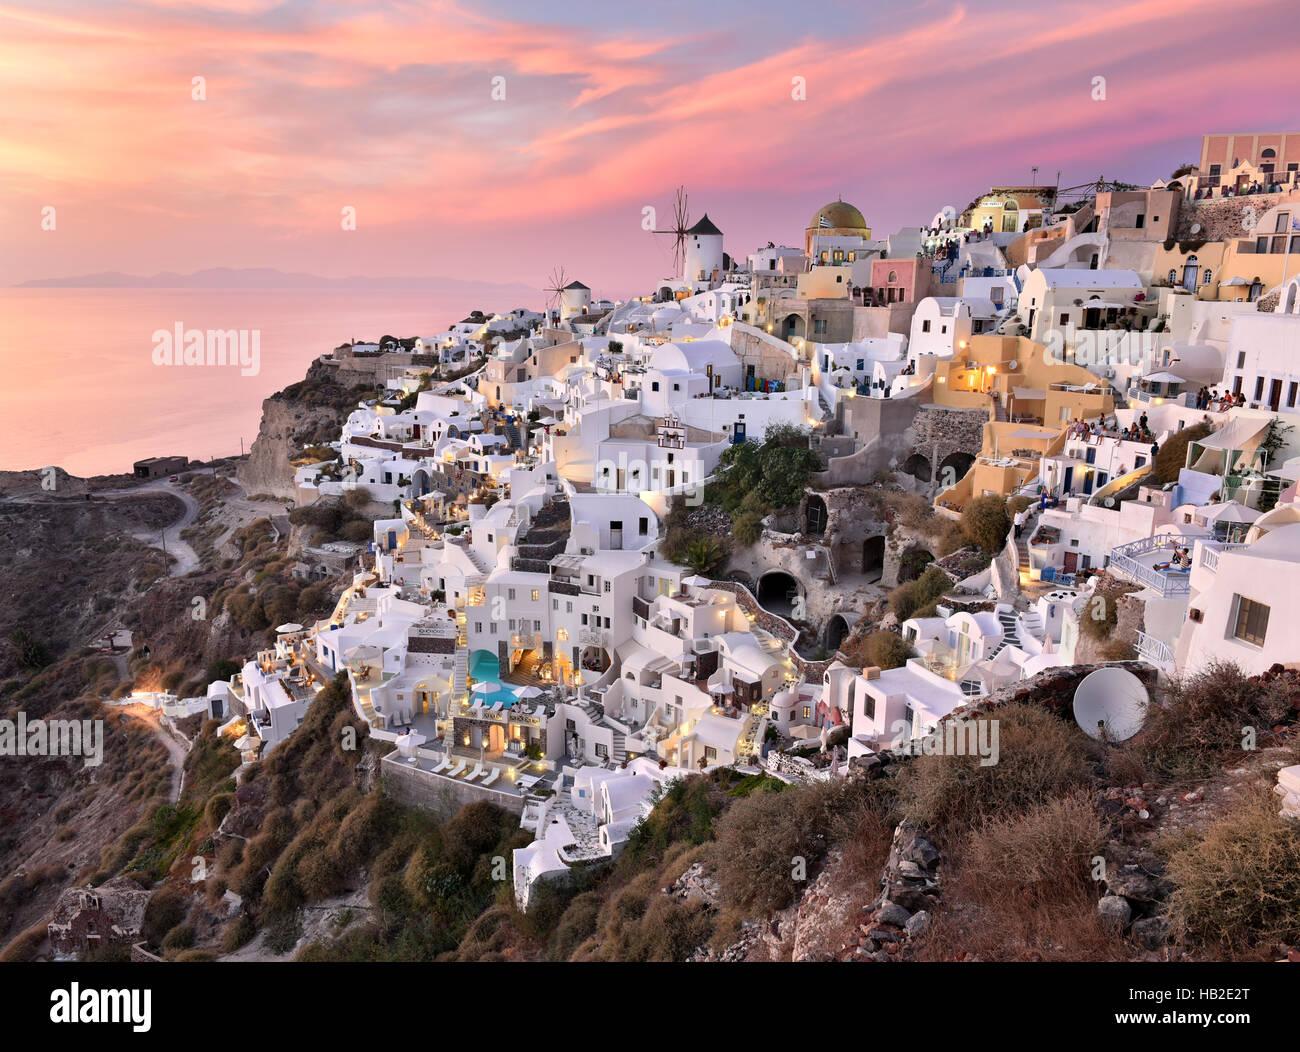 Villa de estilo arquitectónico de las Cícladas, en Santorini, Grecia durante una puesta del sol rosa. Imagen De Stock